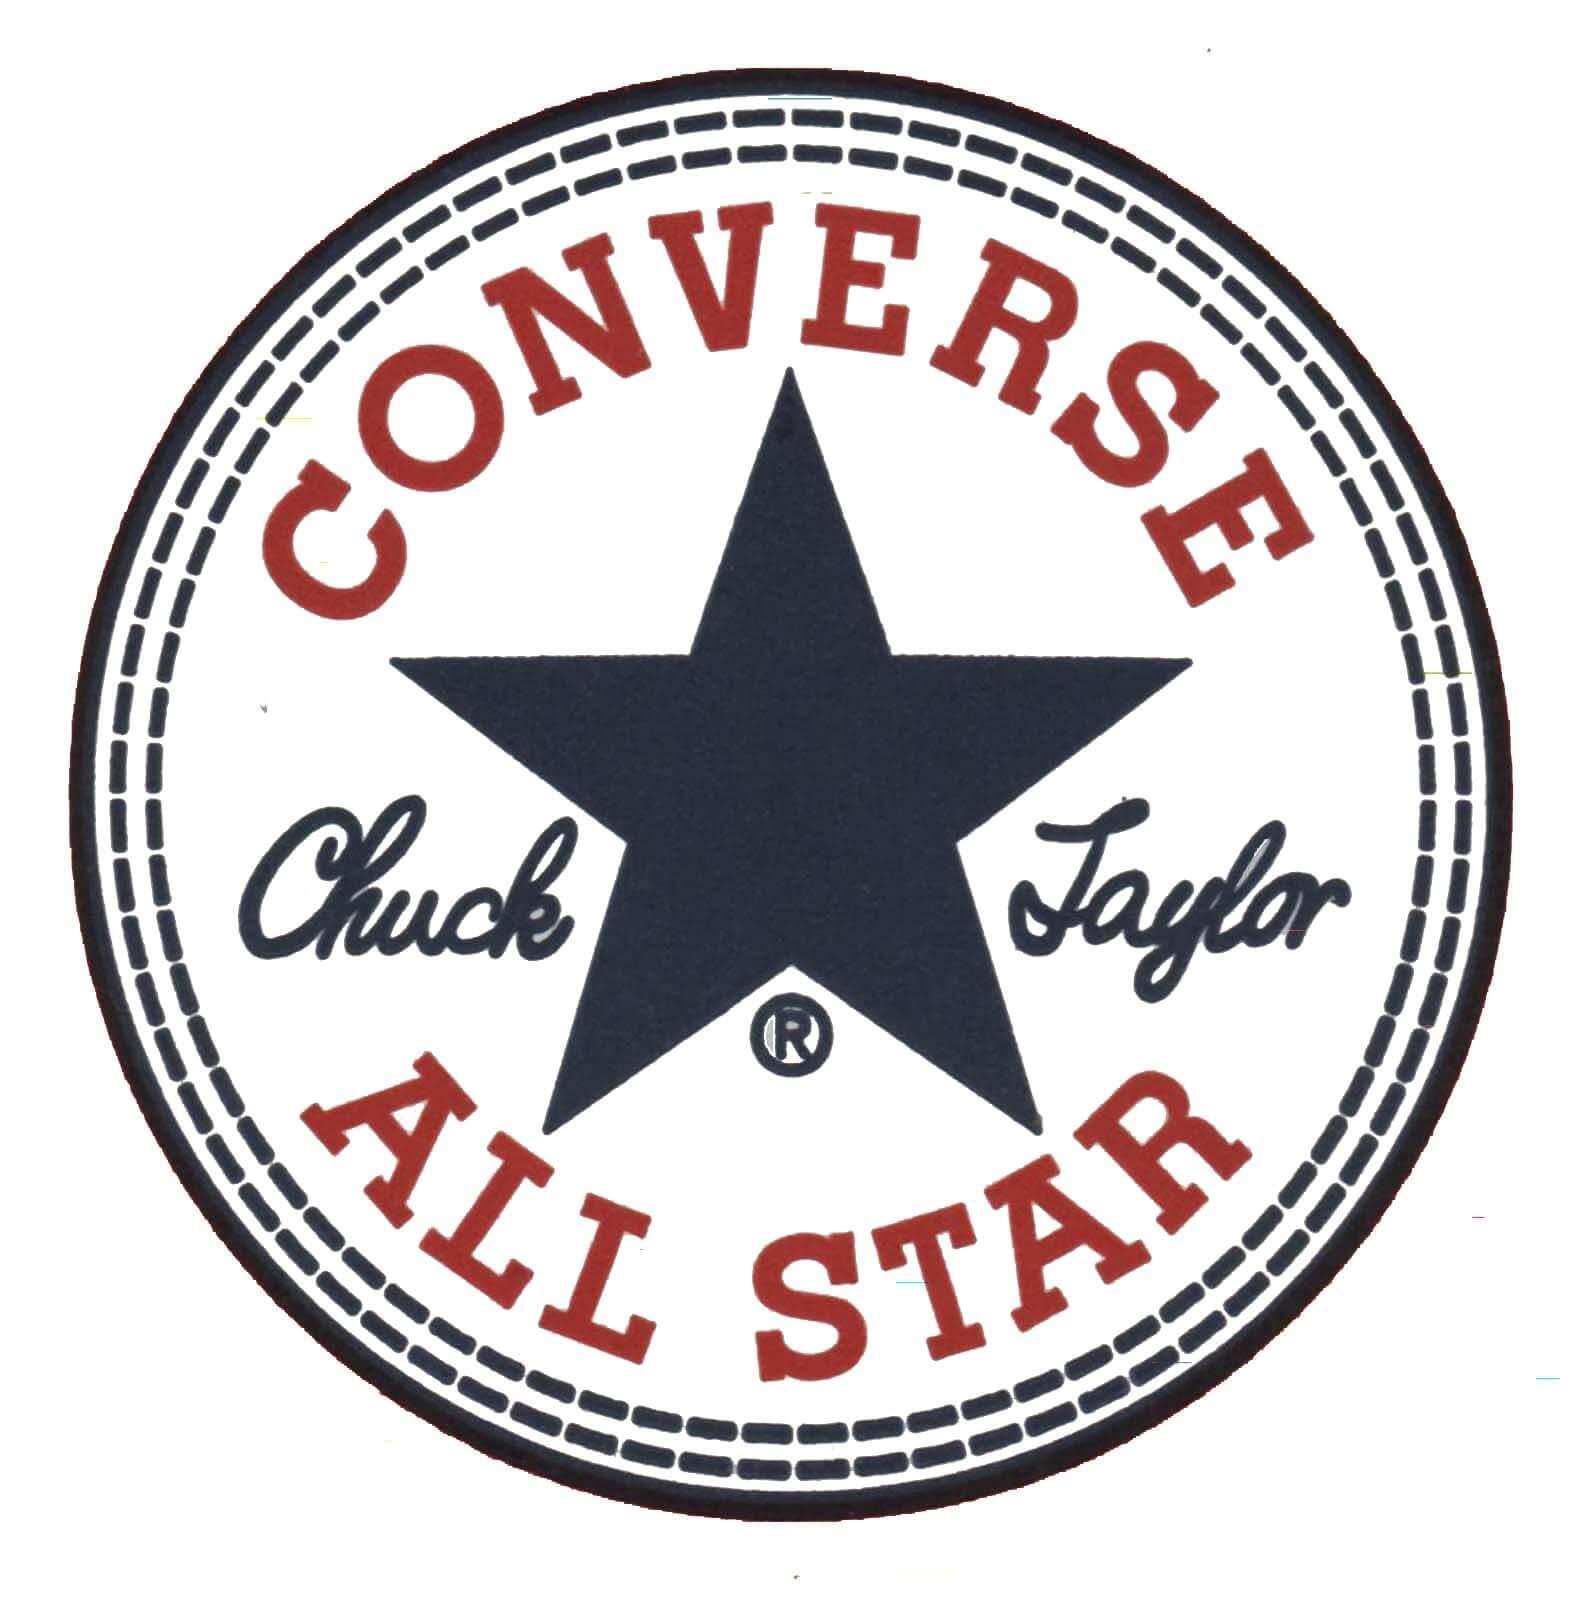 converse zapatillas estrategia de branding logo